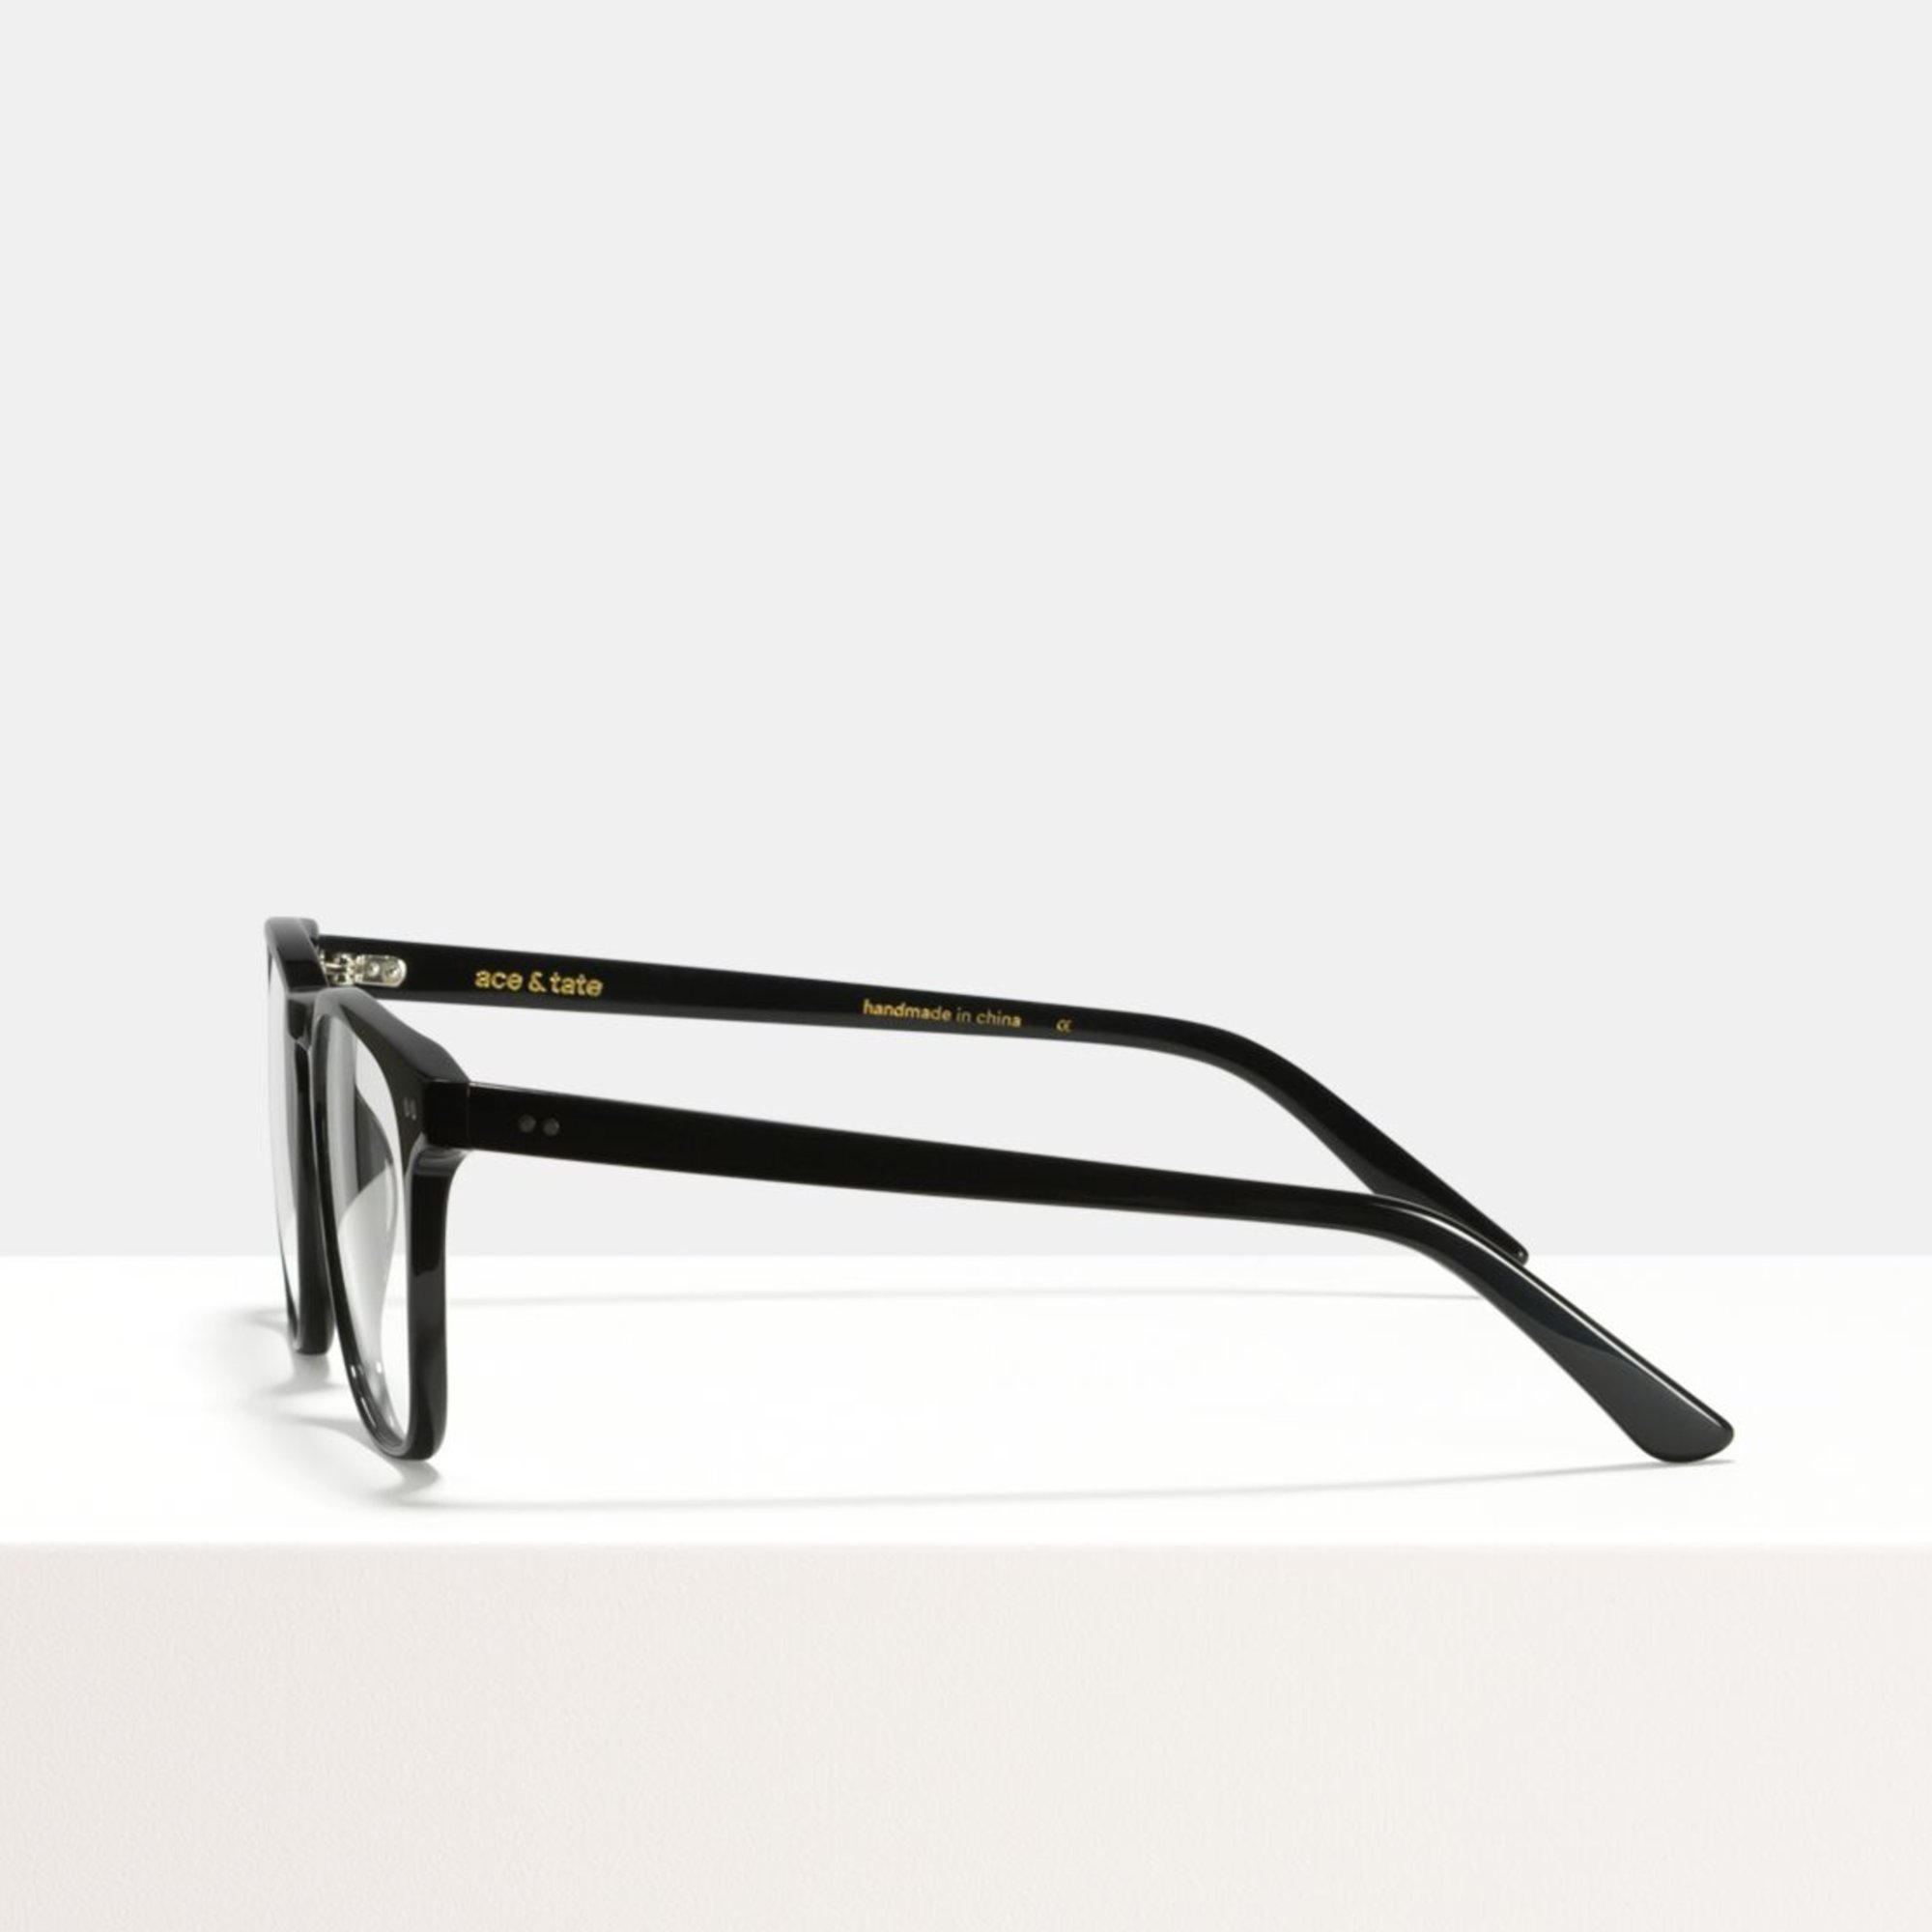 Ace & Tate Glasses | quadratisch Acetat in Schwarz